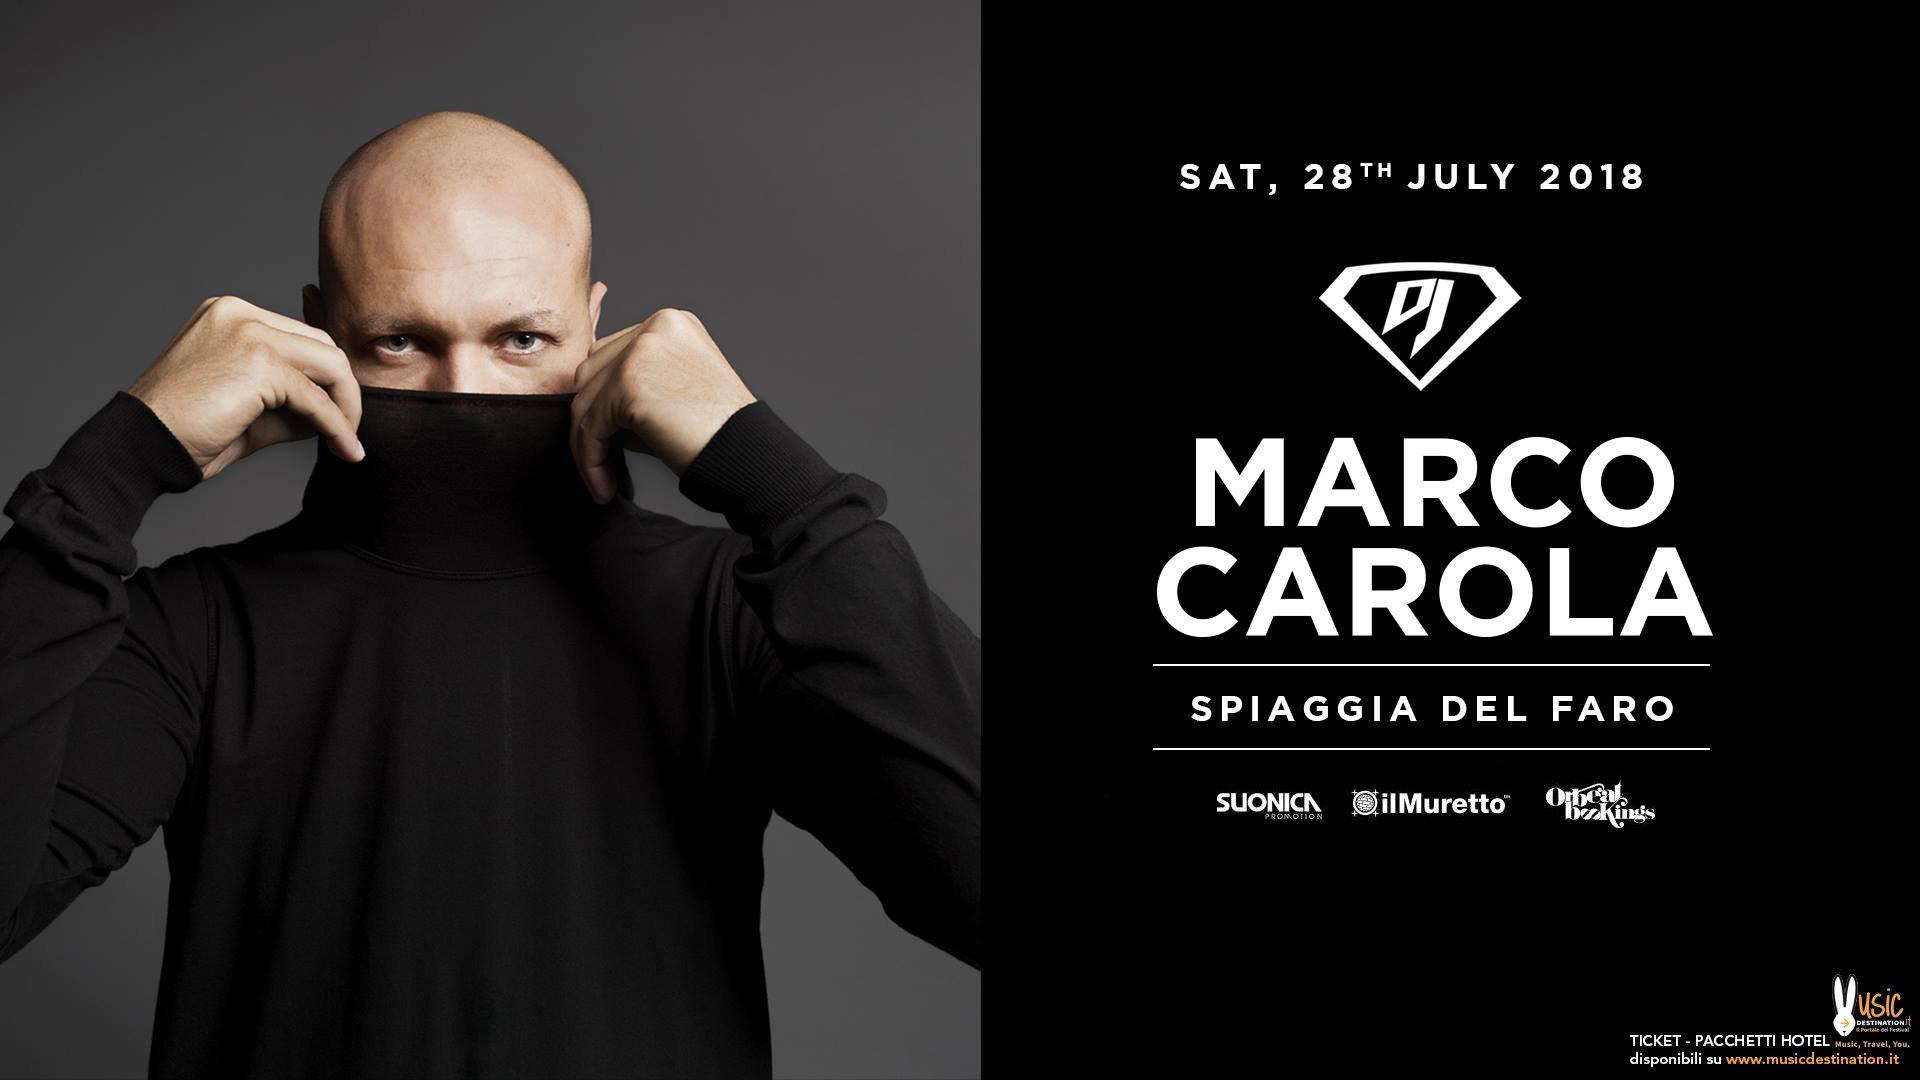 Marco Carola Spiaggia Del Faro 28 Luglio 2018